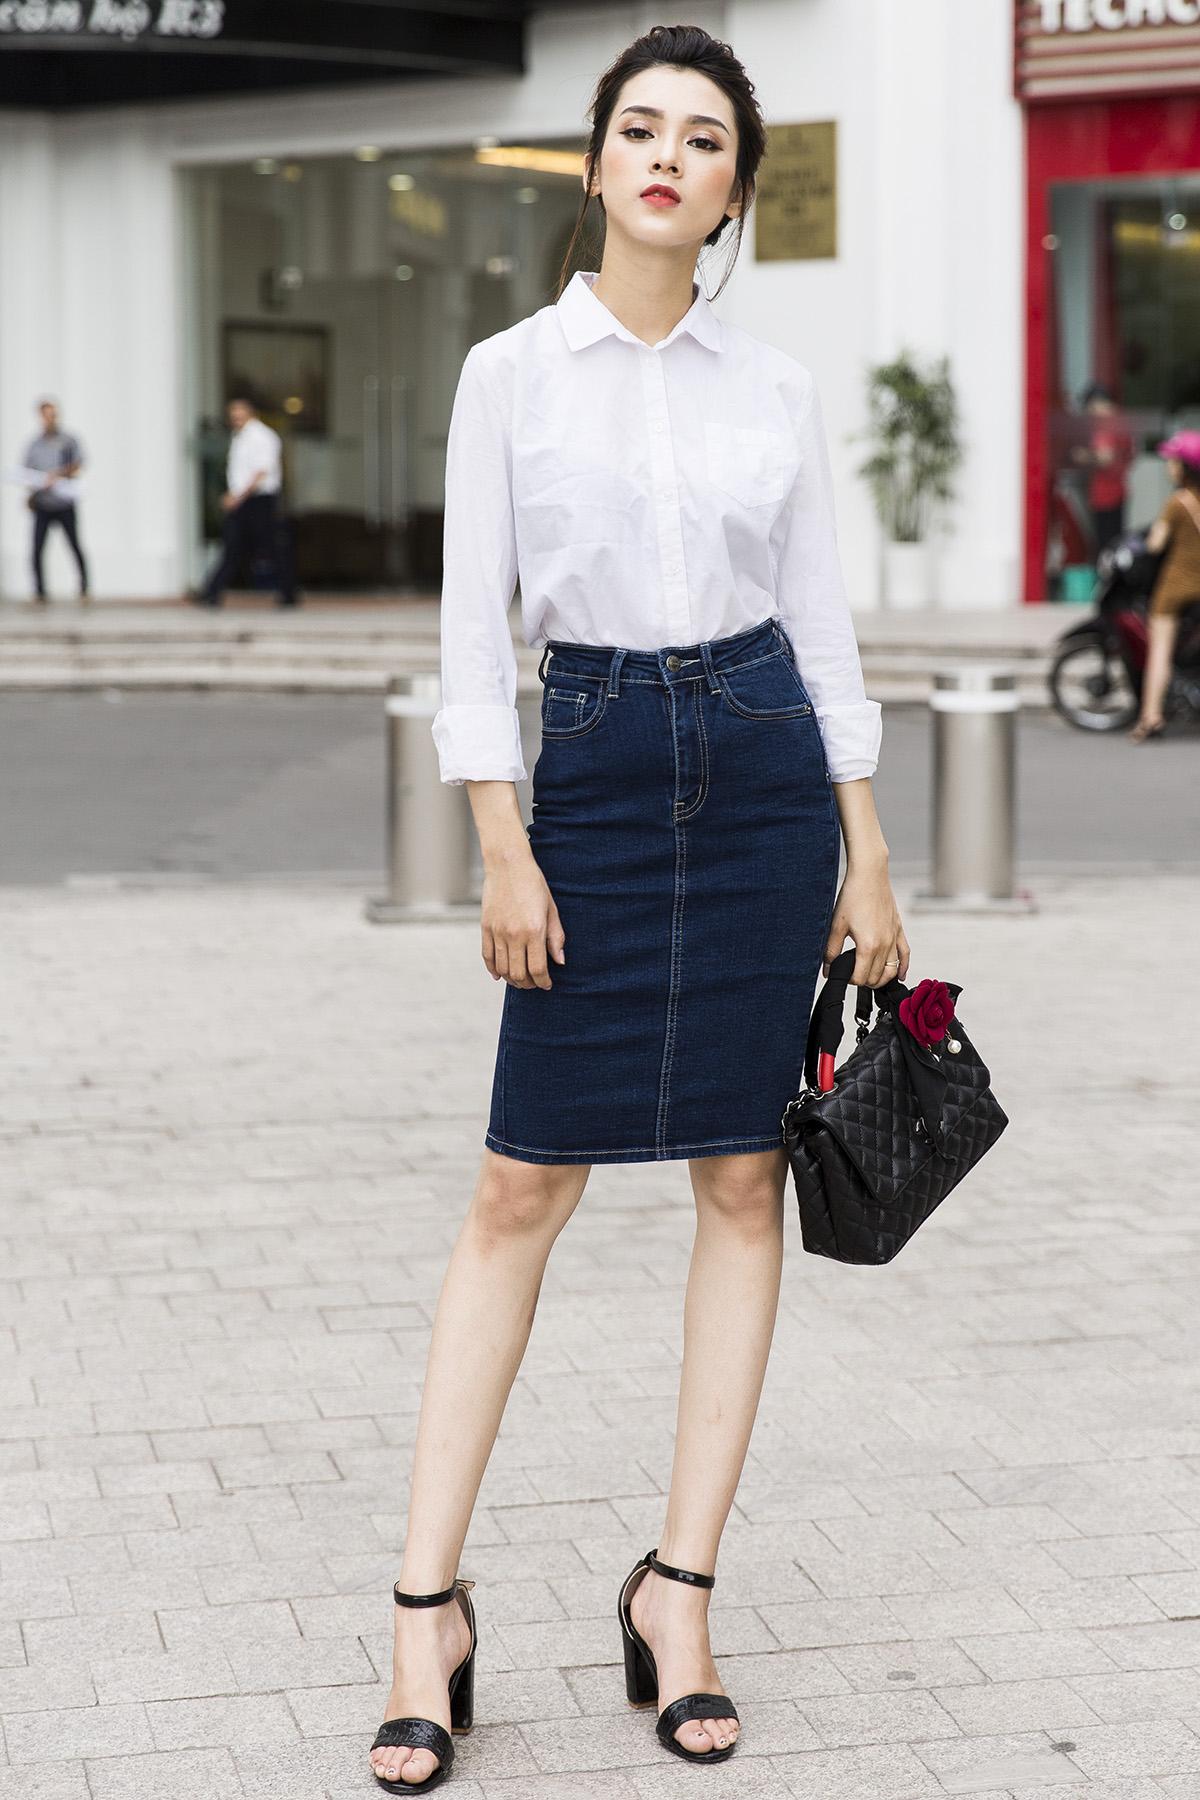 Phối đồ với chân váy jean: Vừa cá tính vừa cổ điển lại cực kỳ năng động - Ảnh 1